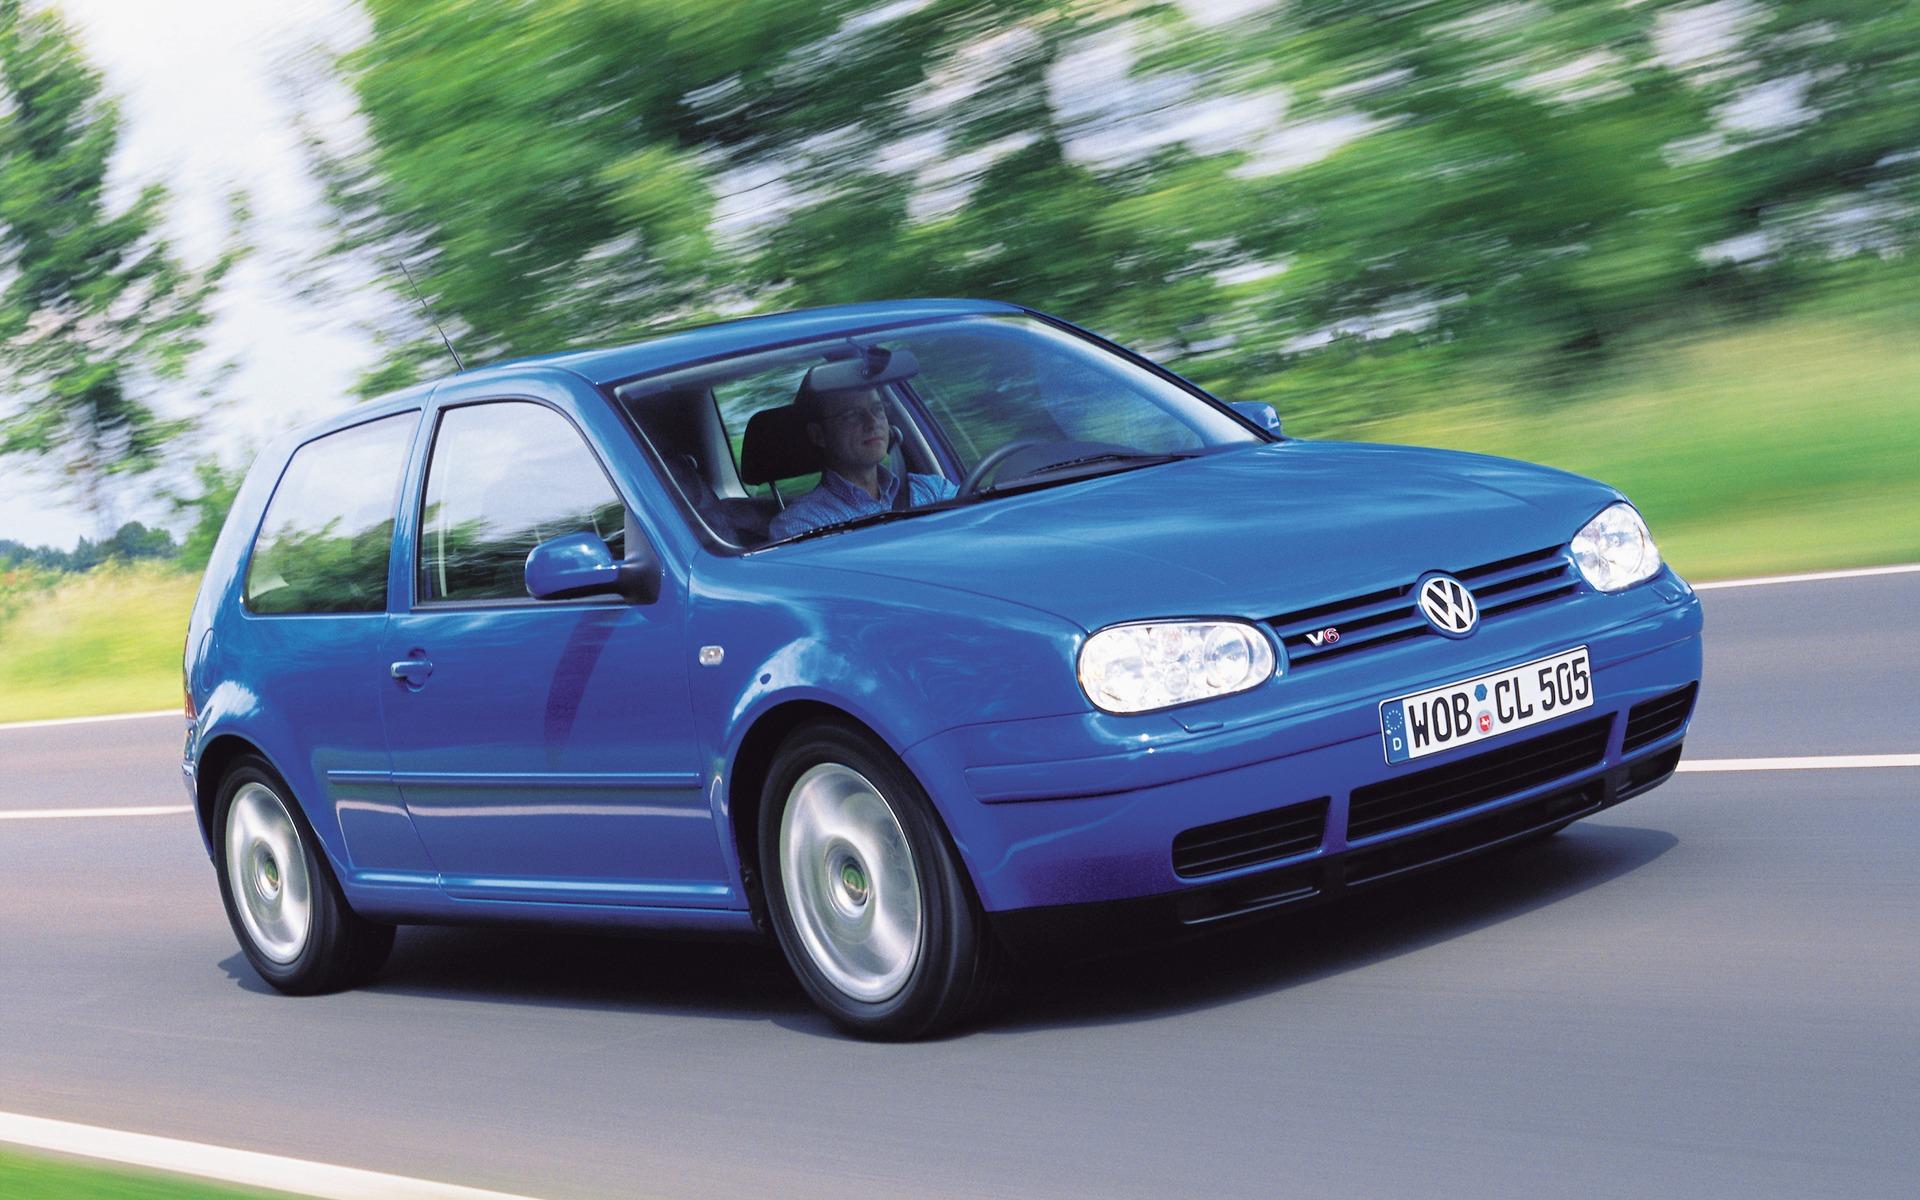 Volkswagen Golf : l'avenir de Volkswagen… depuis 45 ans! 387805_Volkswagen_Golf